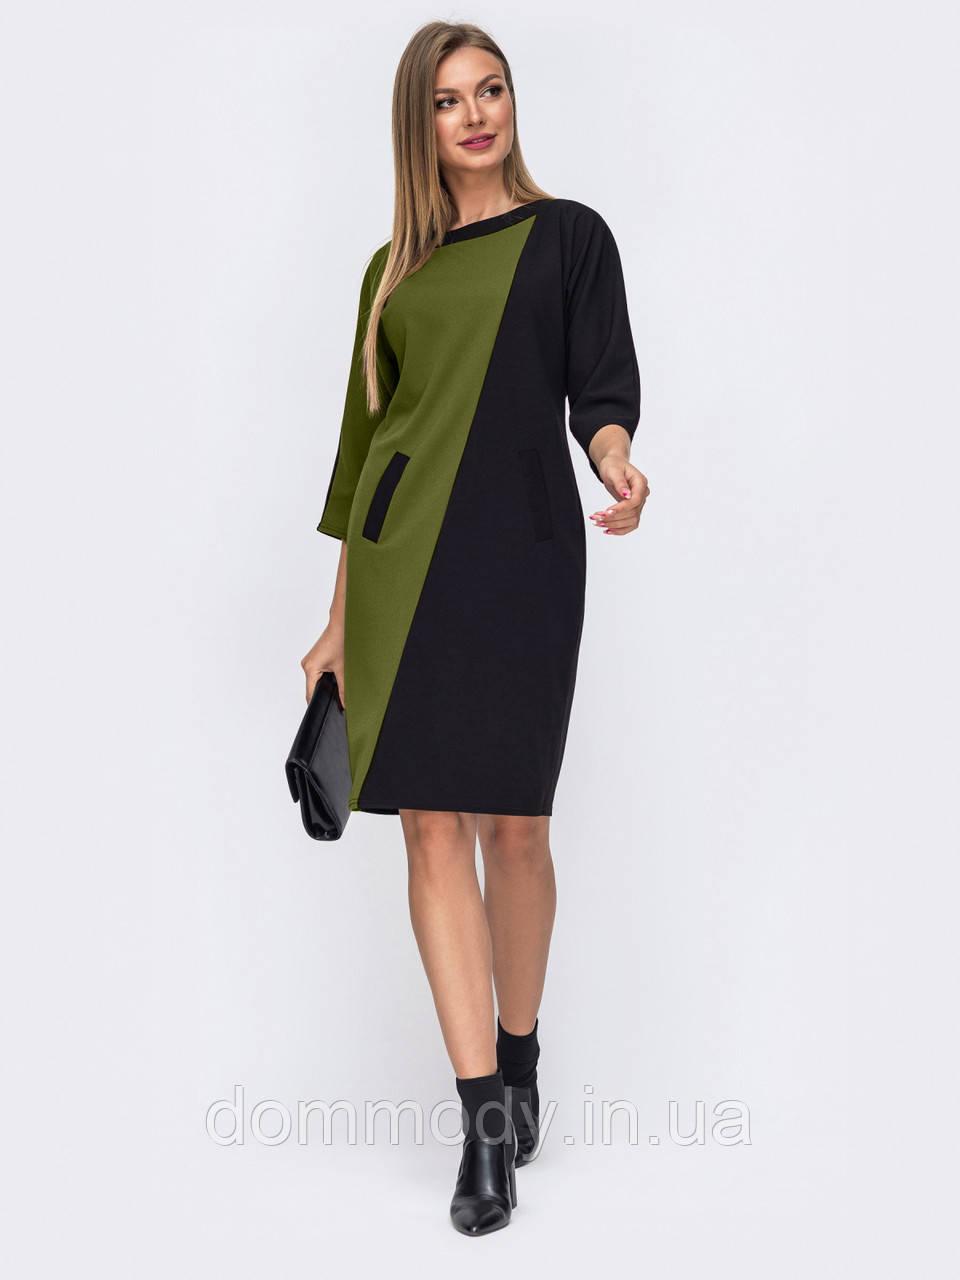 Платье женское Daniel olive